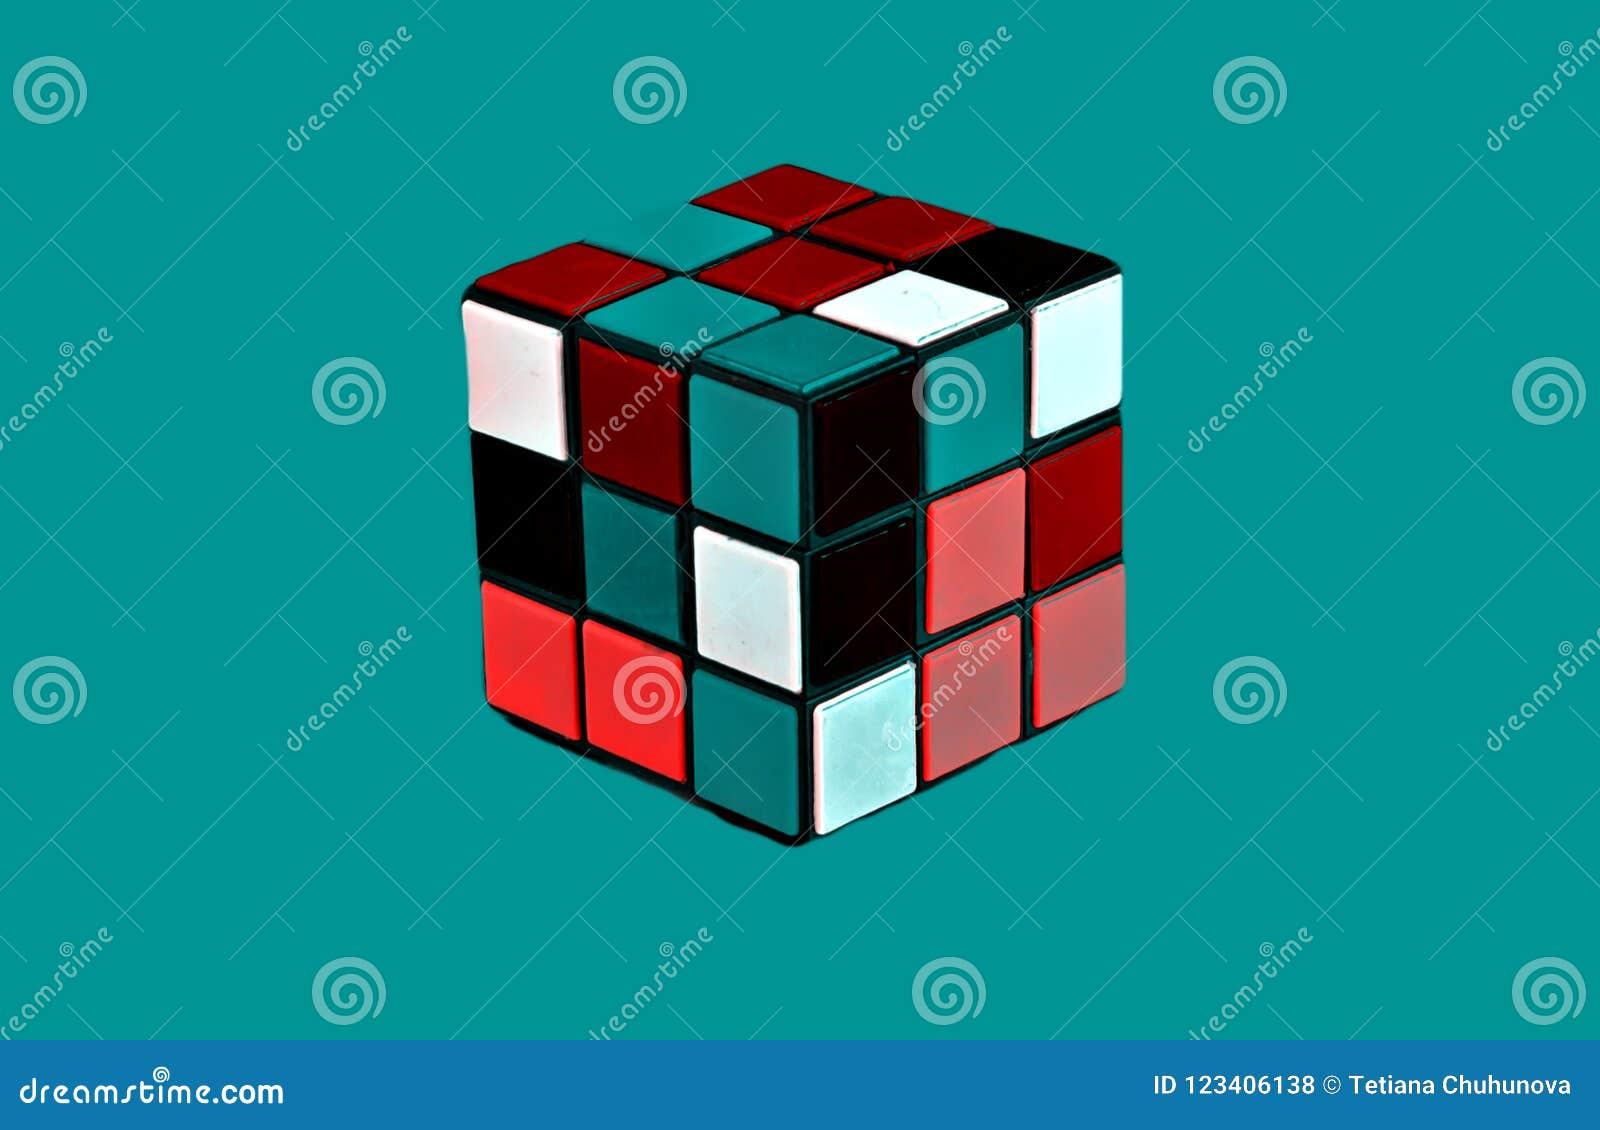 Складывая пестротканый изолированный куб Стиль: абстракция, illustr